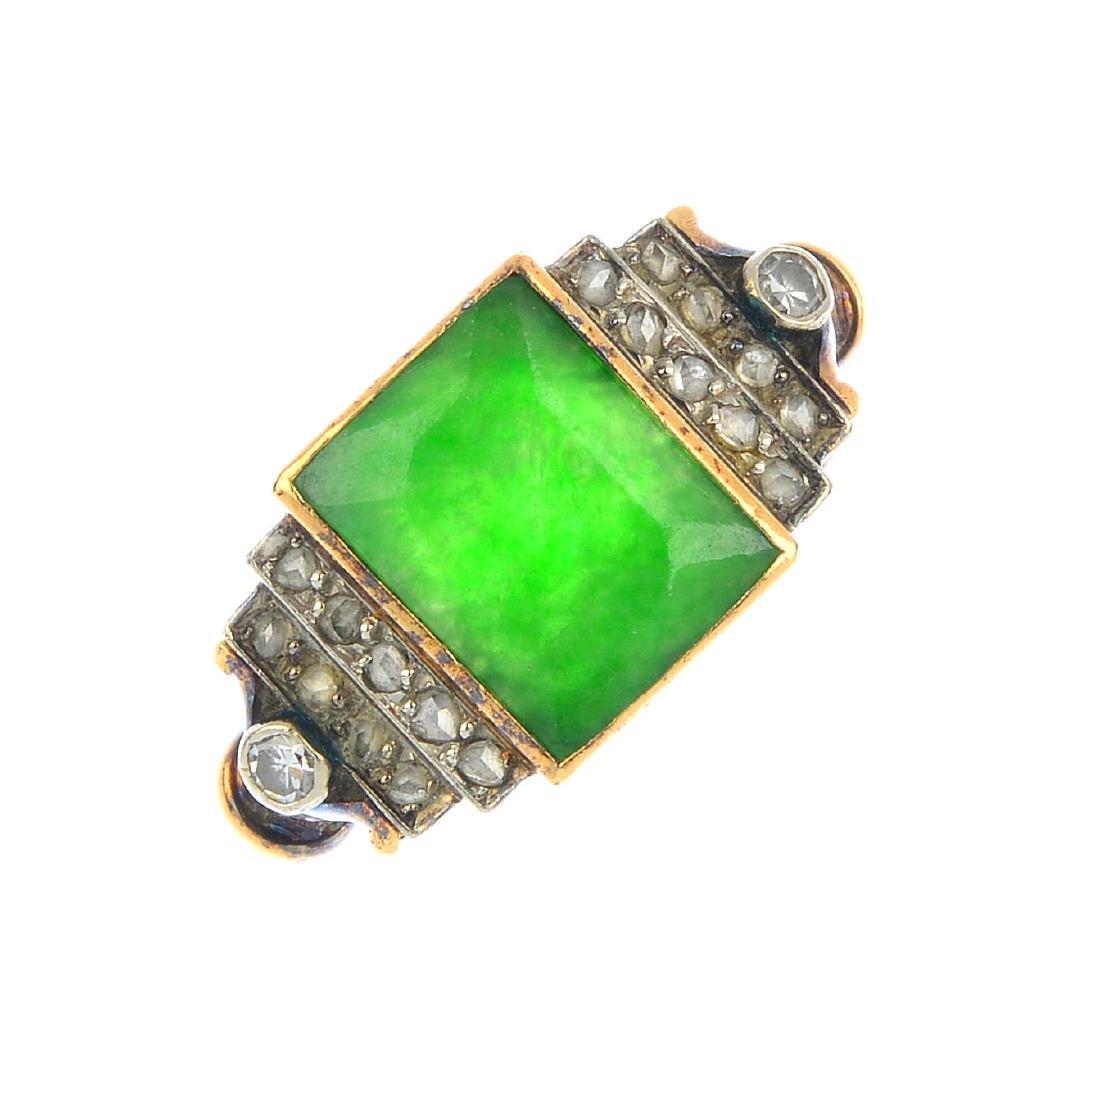 A jade and diamond dress ring. The rectangular jade